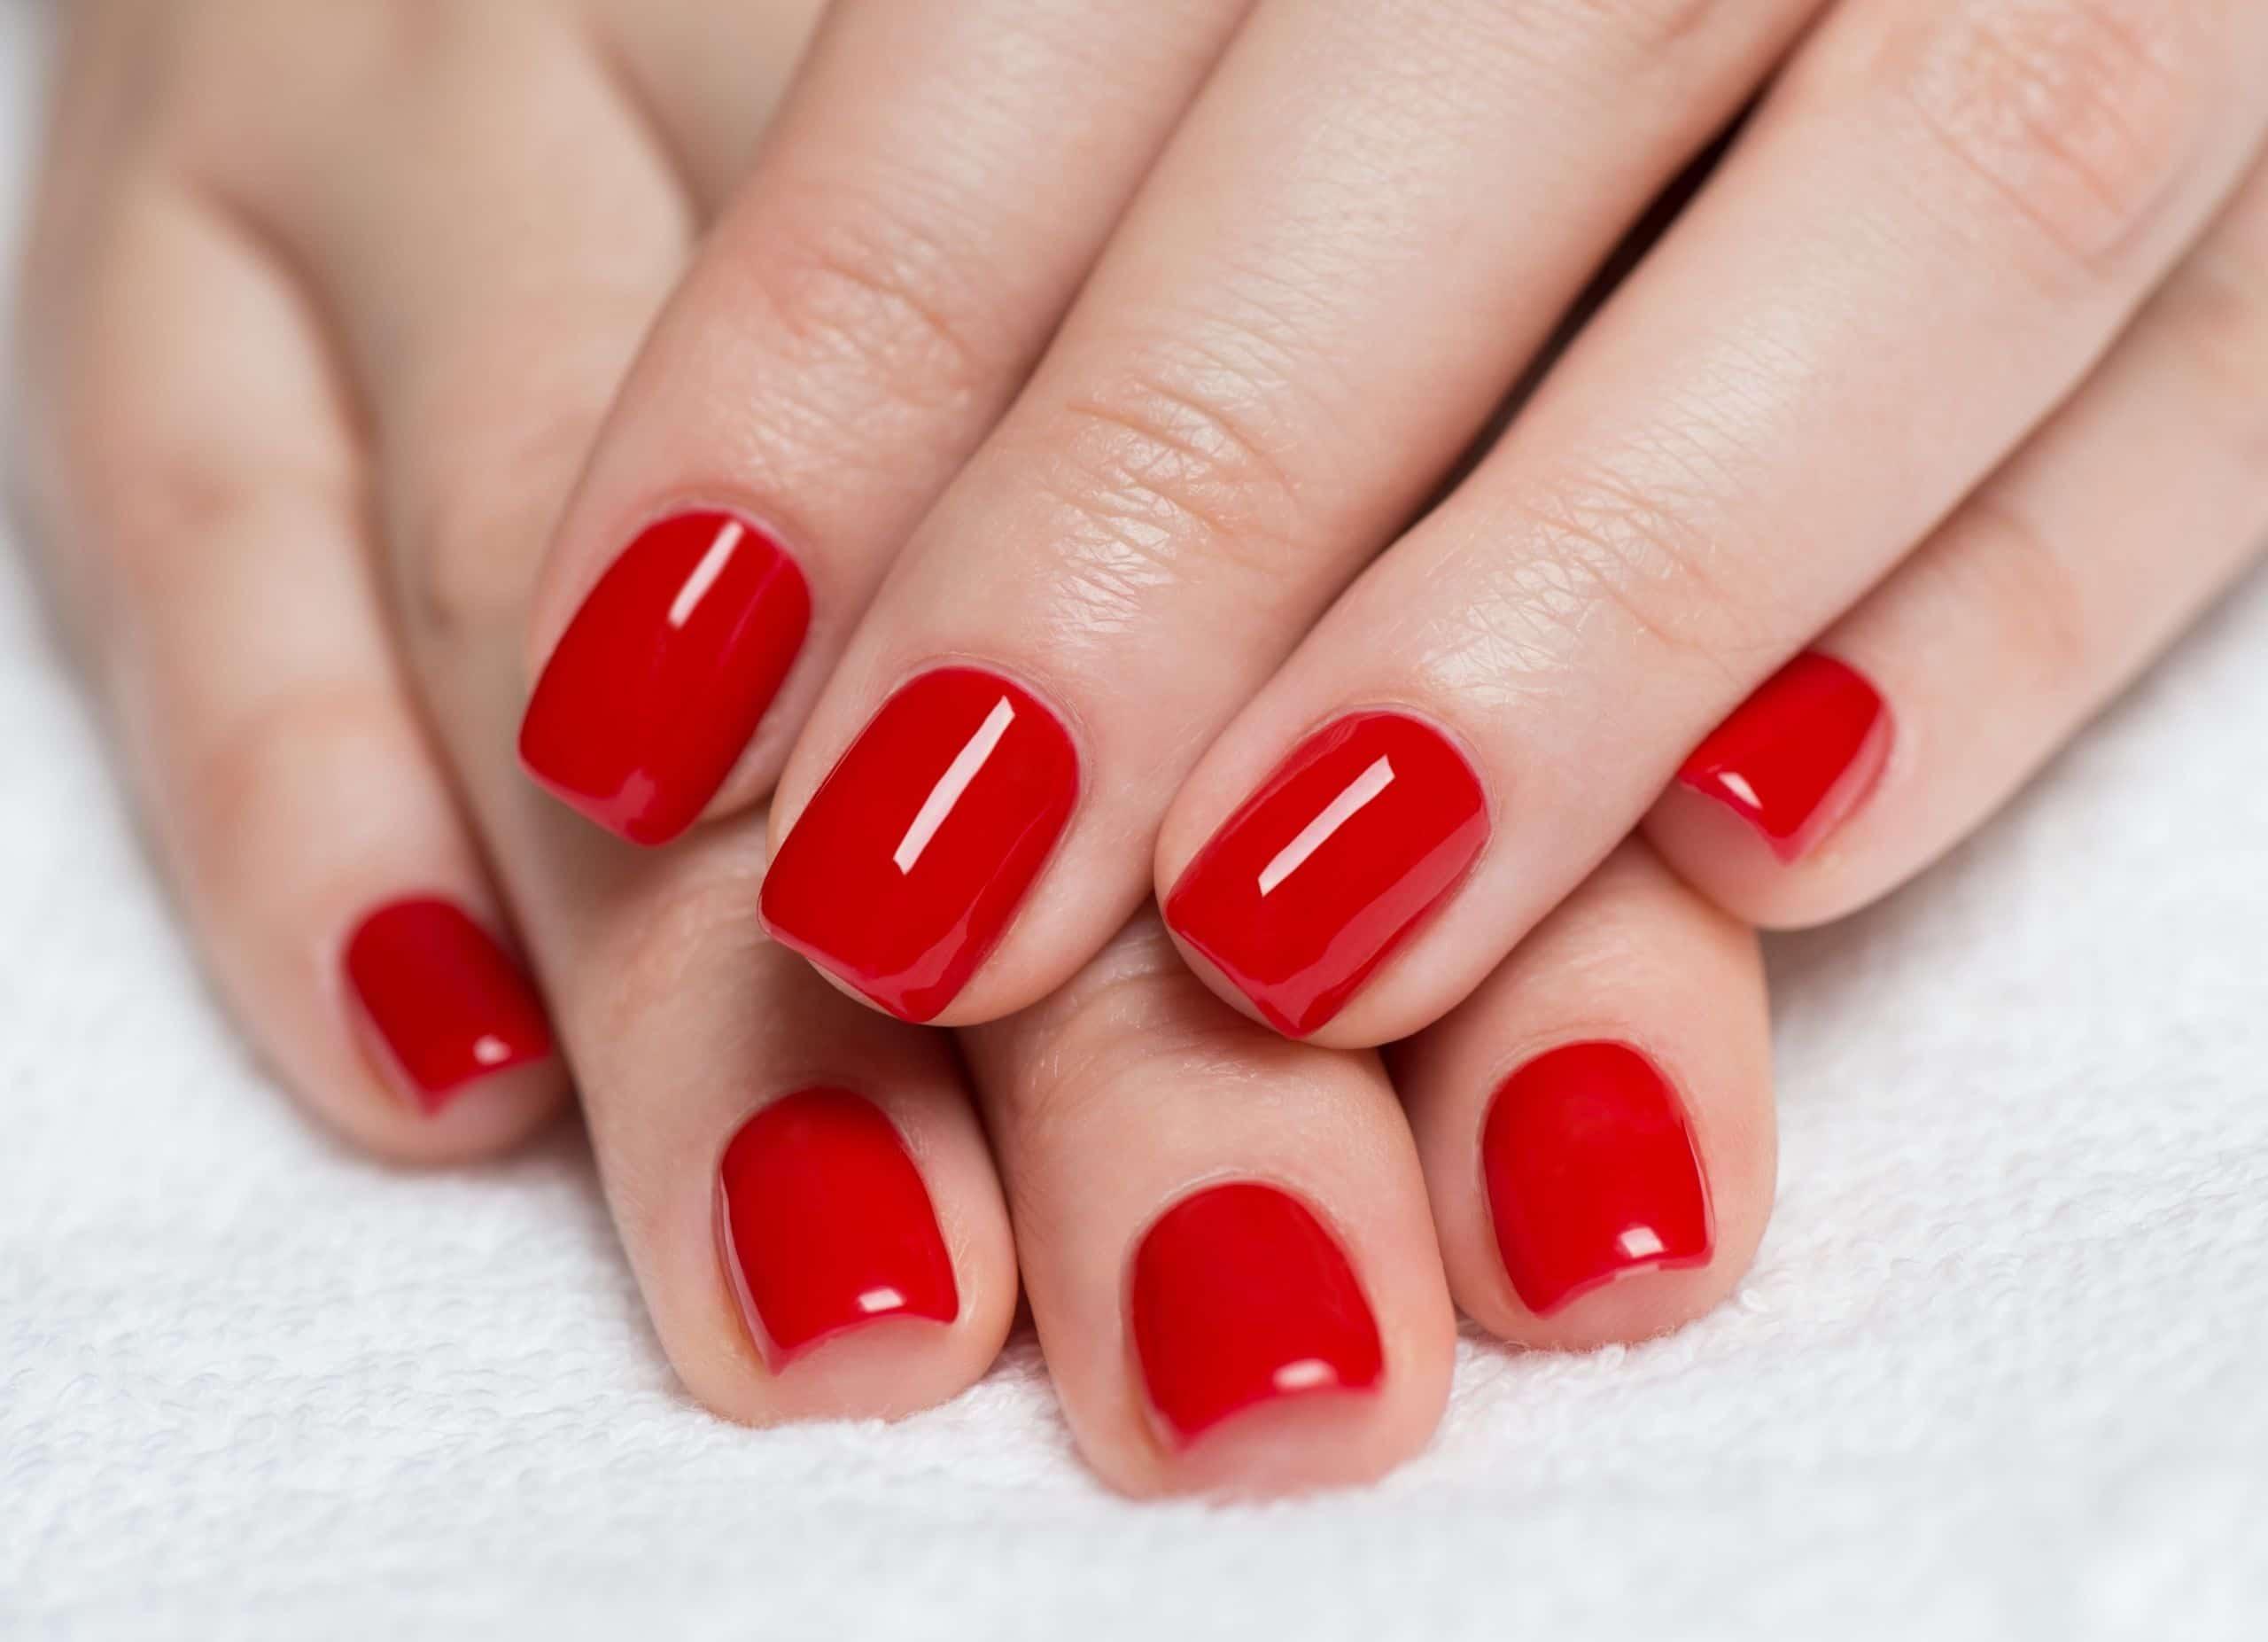 CND Shellac red nail polish manicure